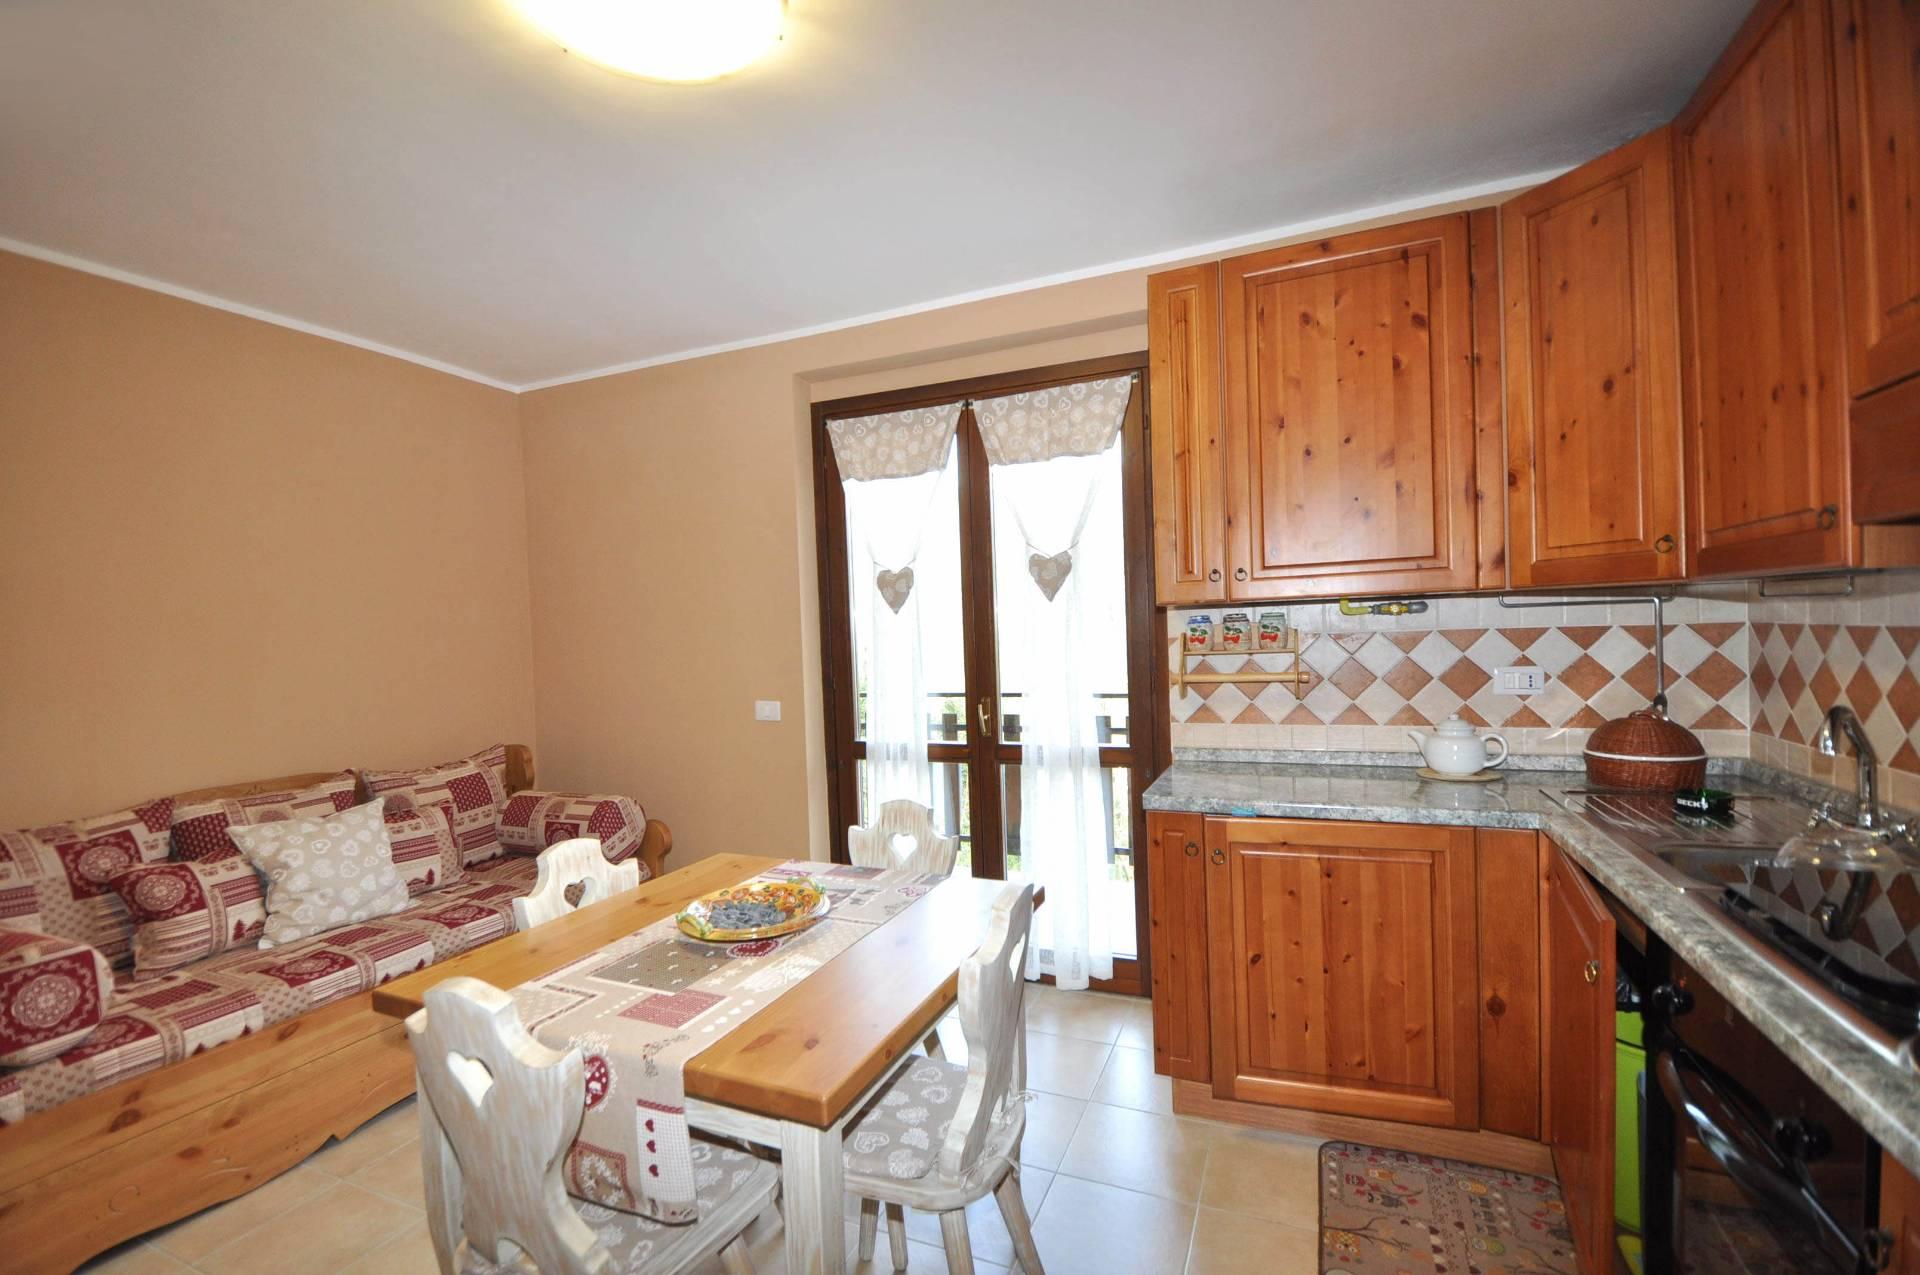 Appartamento in vendita a Piazzolo, 2 locali, prezzo € 56.000 | CambioCasa.it